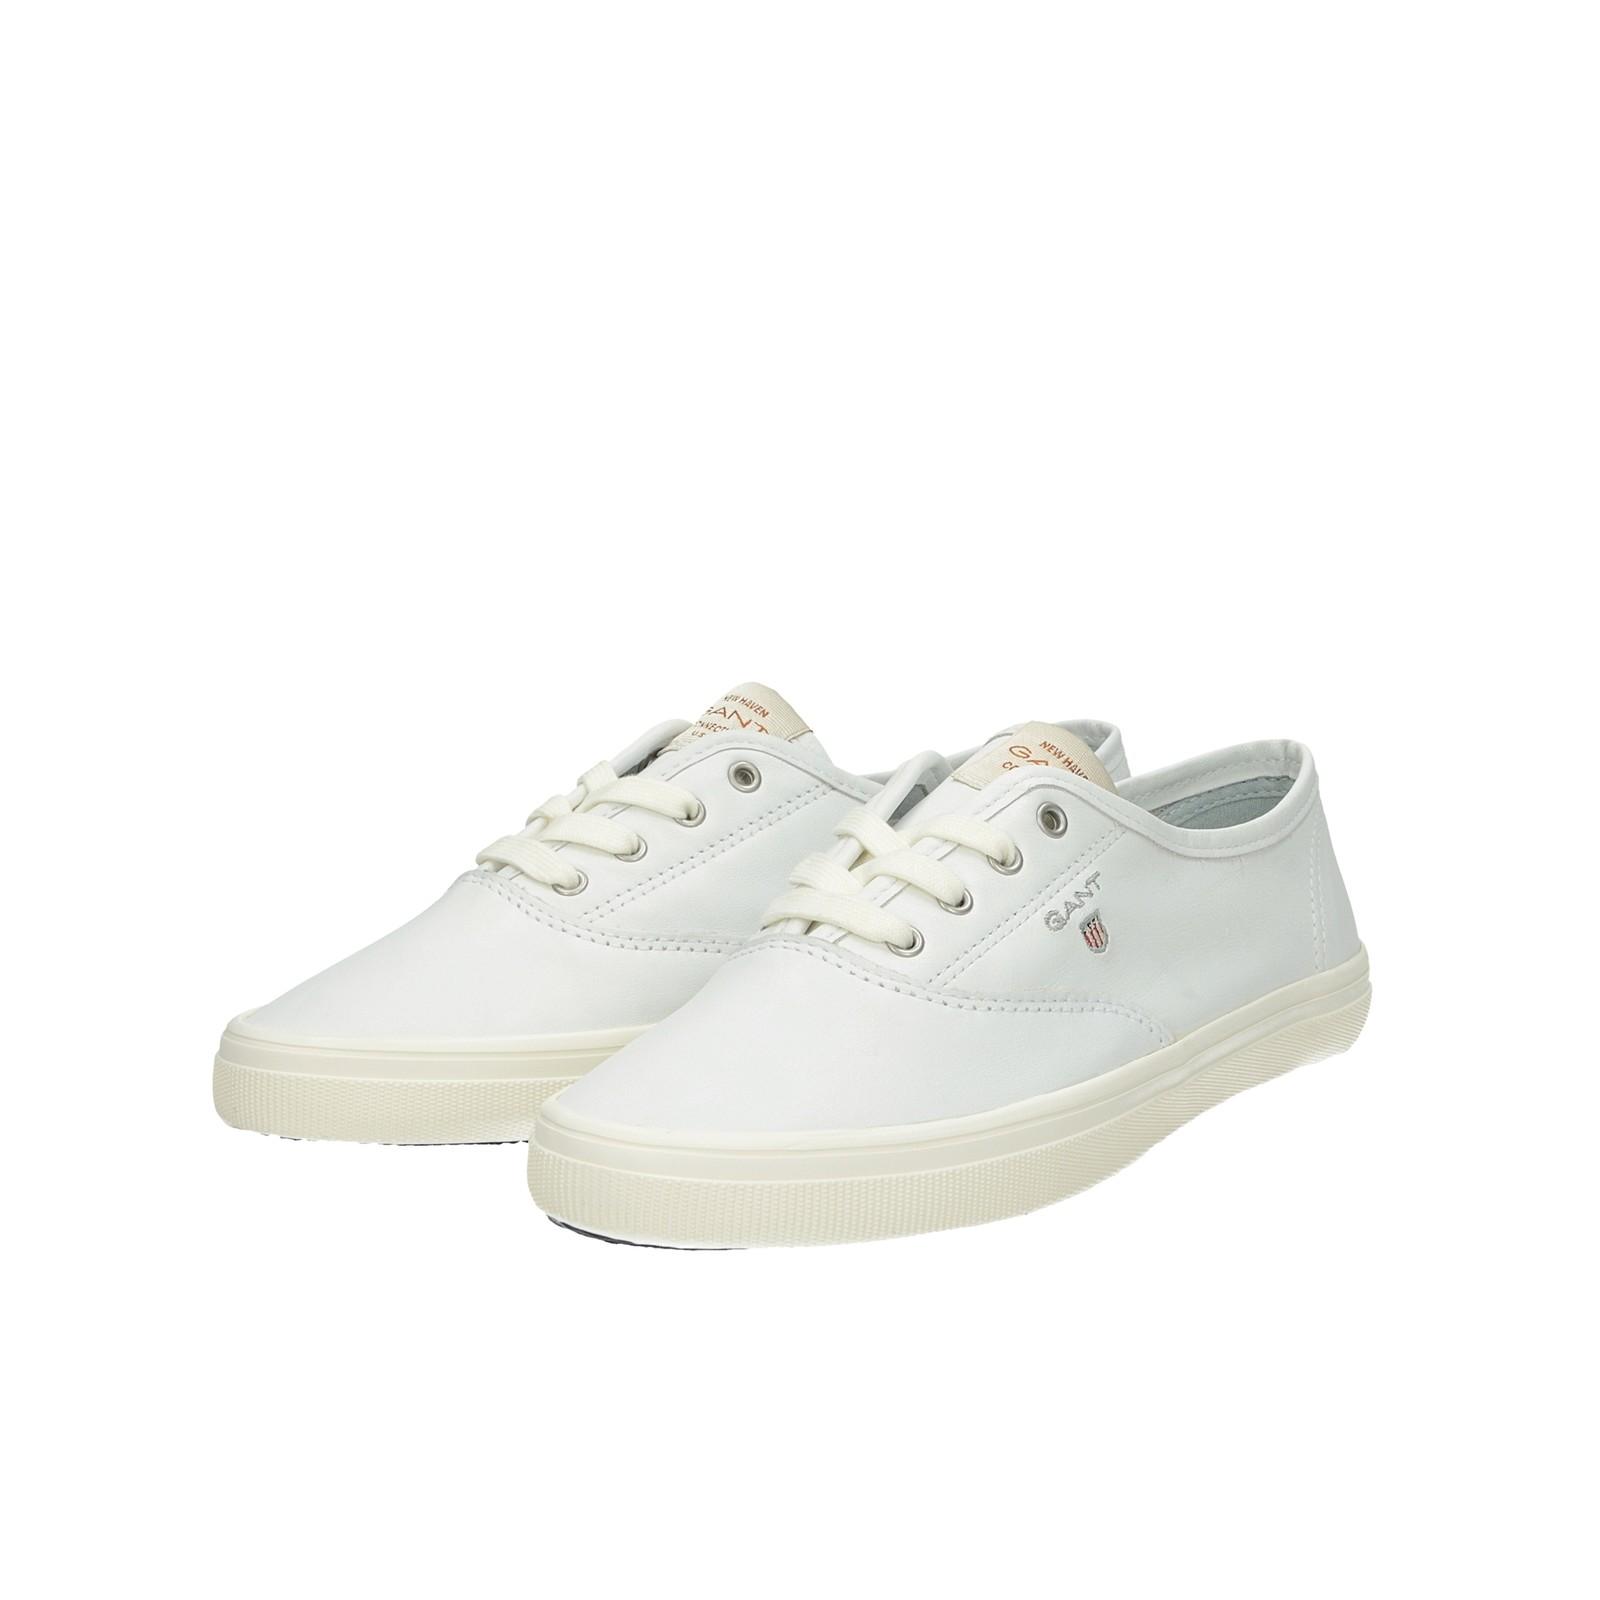 9d6d7372aa3c7 Gant dámske kožené tenisky - biele | 18531398G290-WHT www.robel.sk